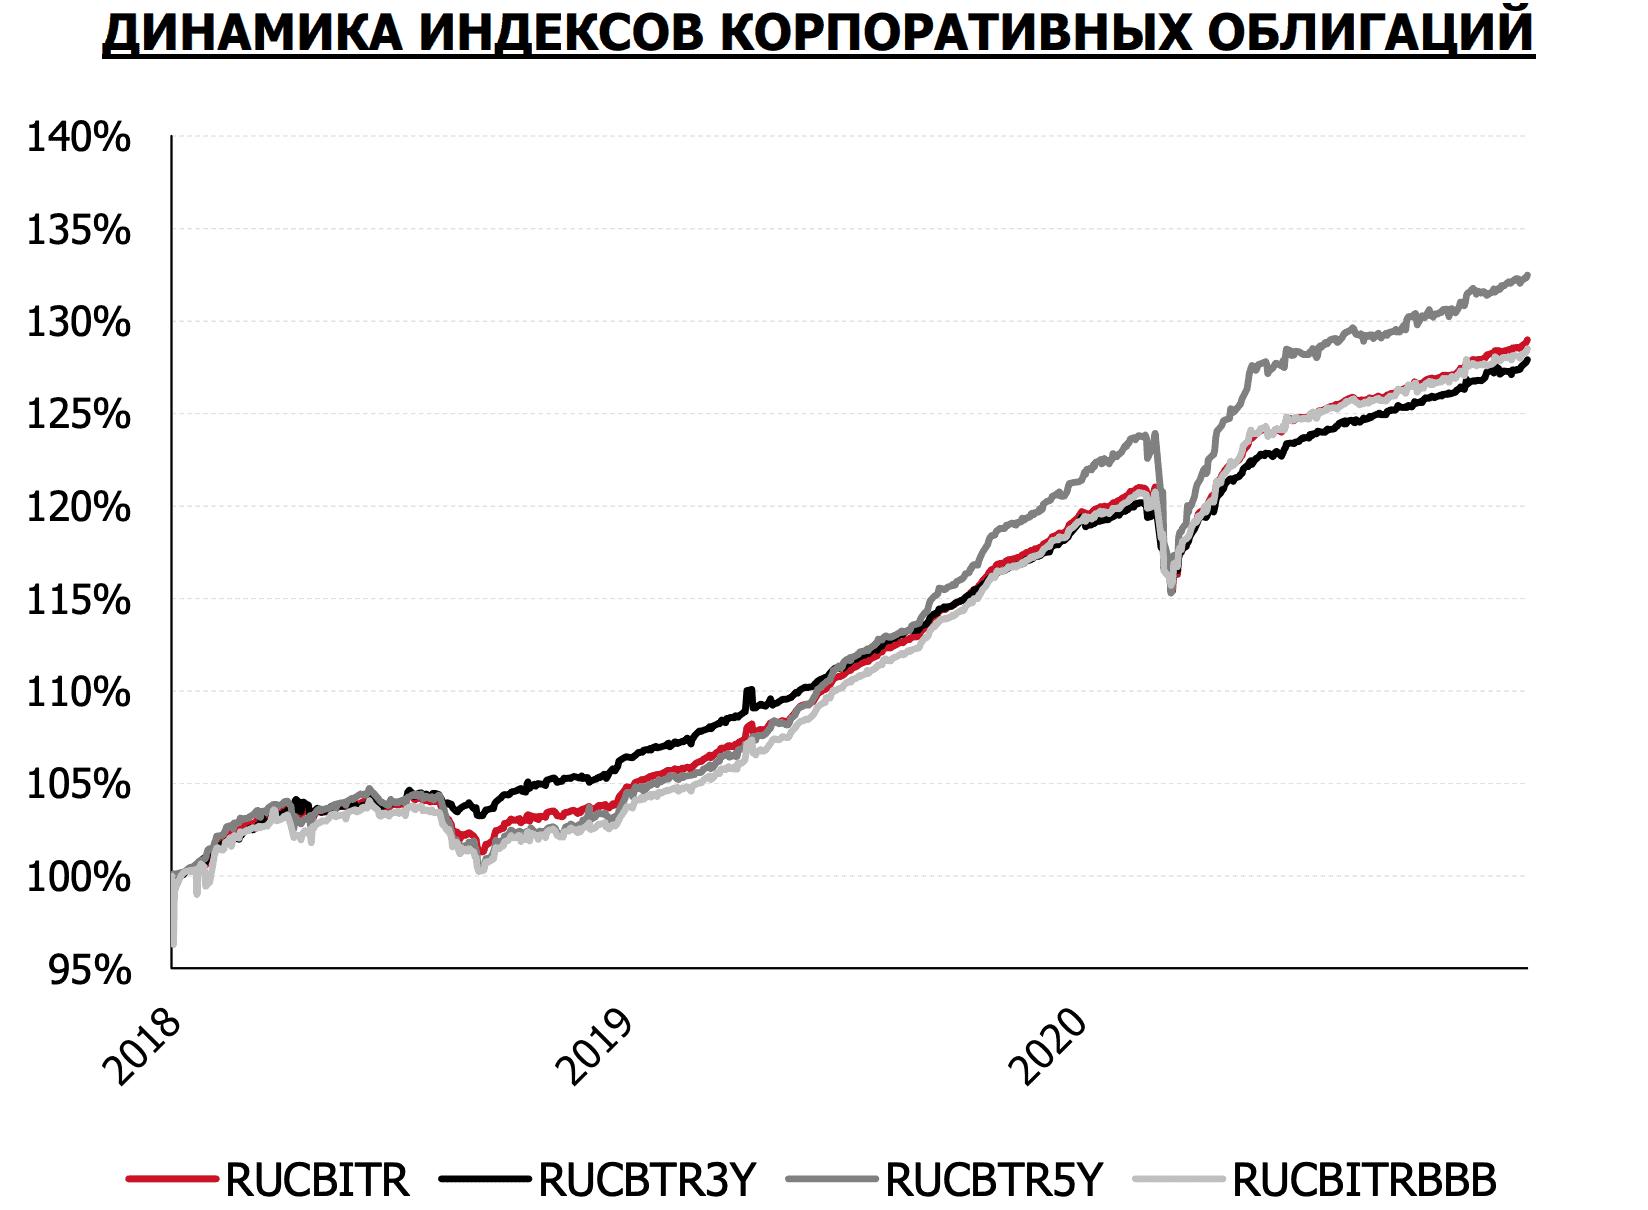 График динамики индексов корпоративных облигаций Мосбиржи